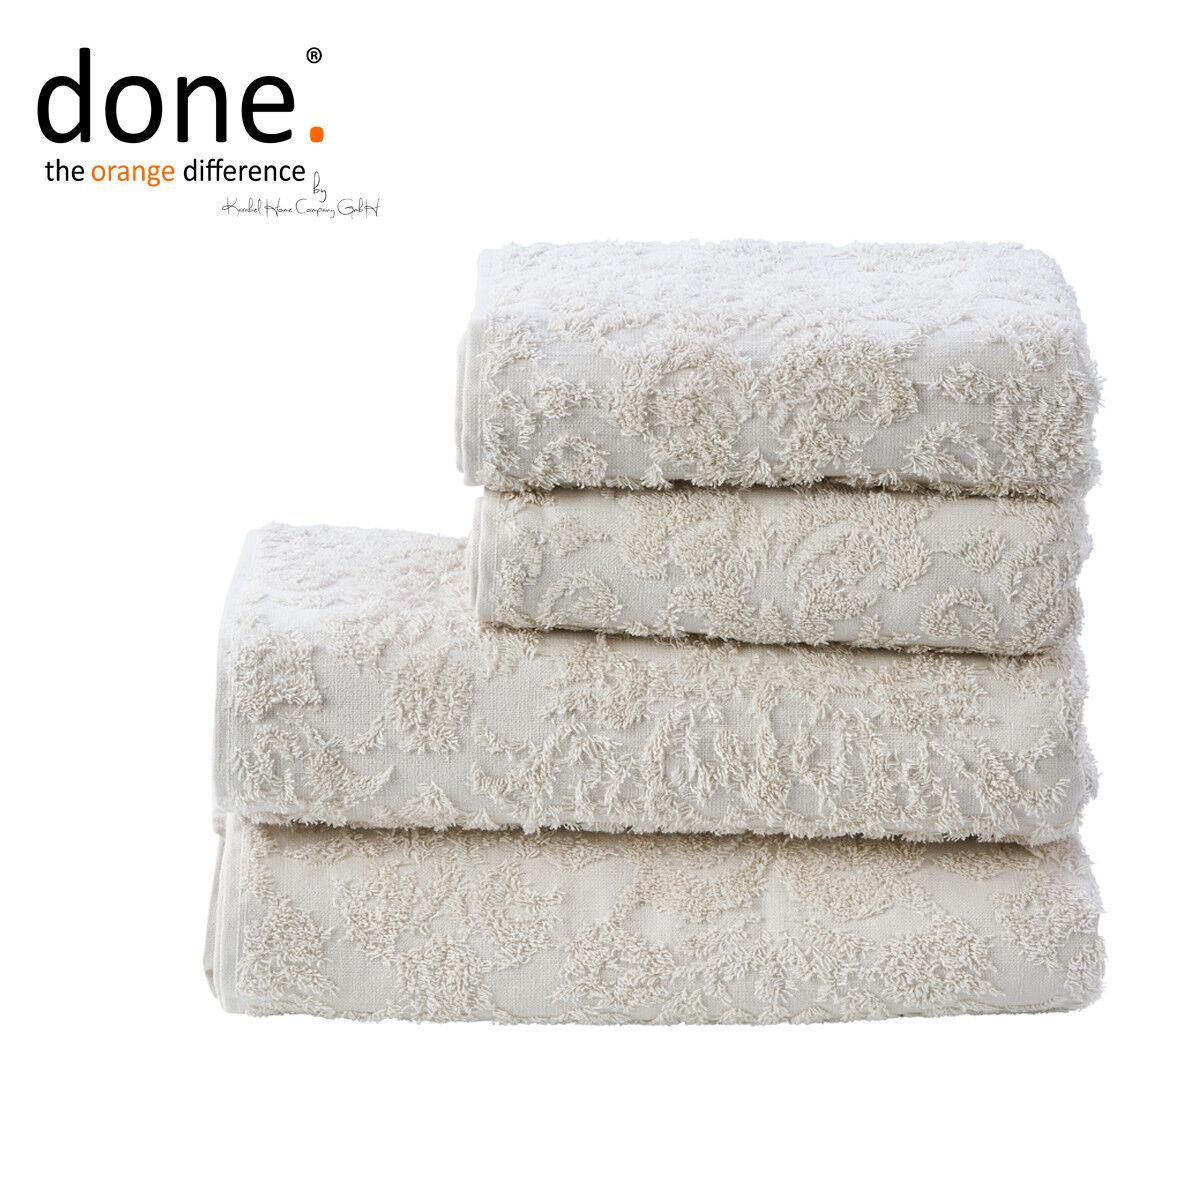 più preferenziale Done. ® Provenza ORNAMENTS Asciugamano Asciugamano Asciugamano Set 4 pezzi beige 100% cotone con frange  nuovo stile